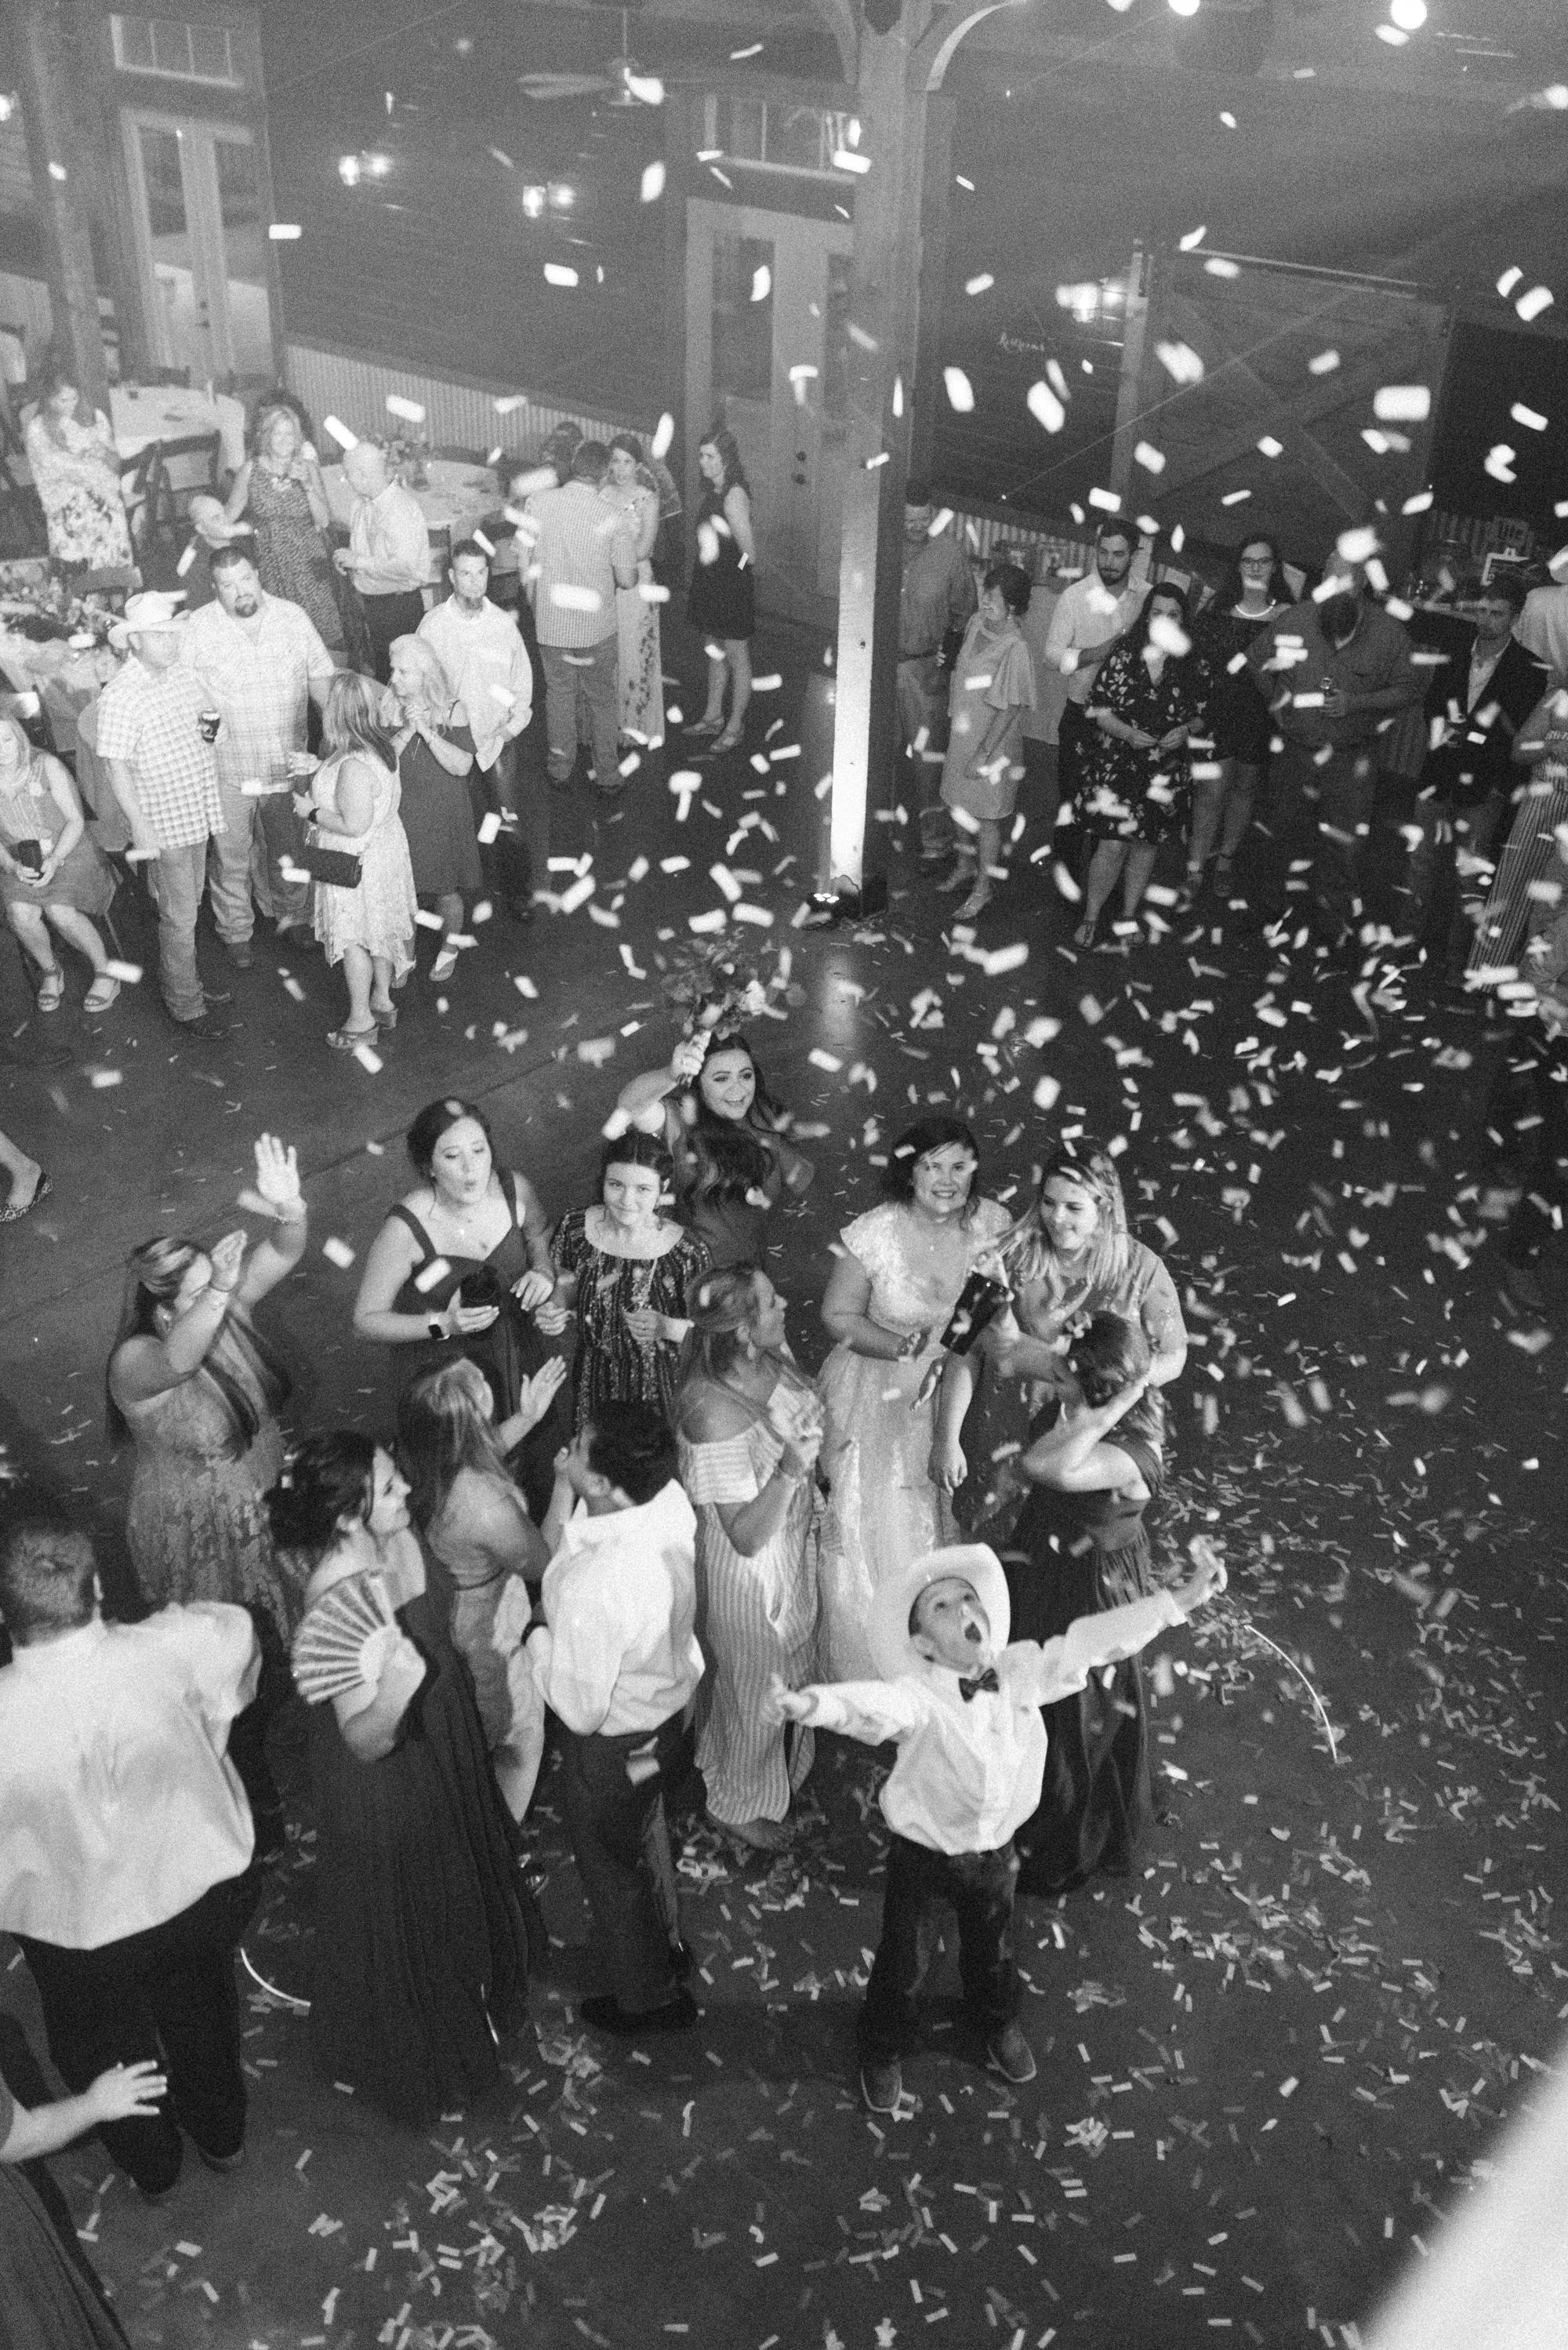 Wesley-Wedding-Ten23-Photography-832.jpg